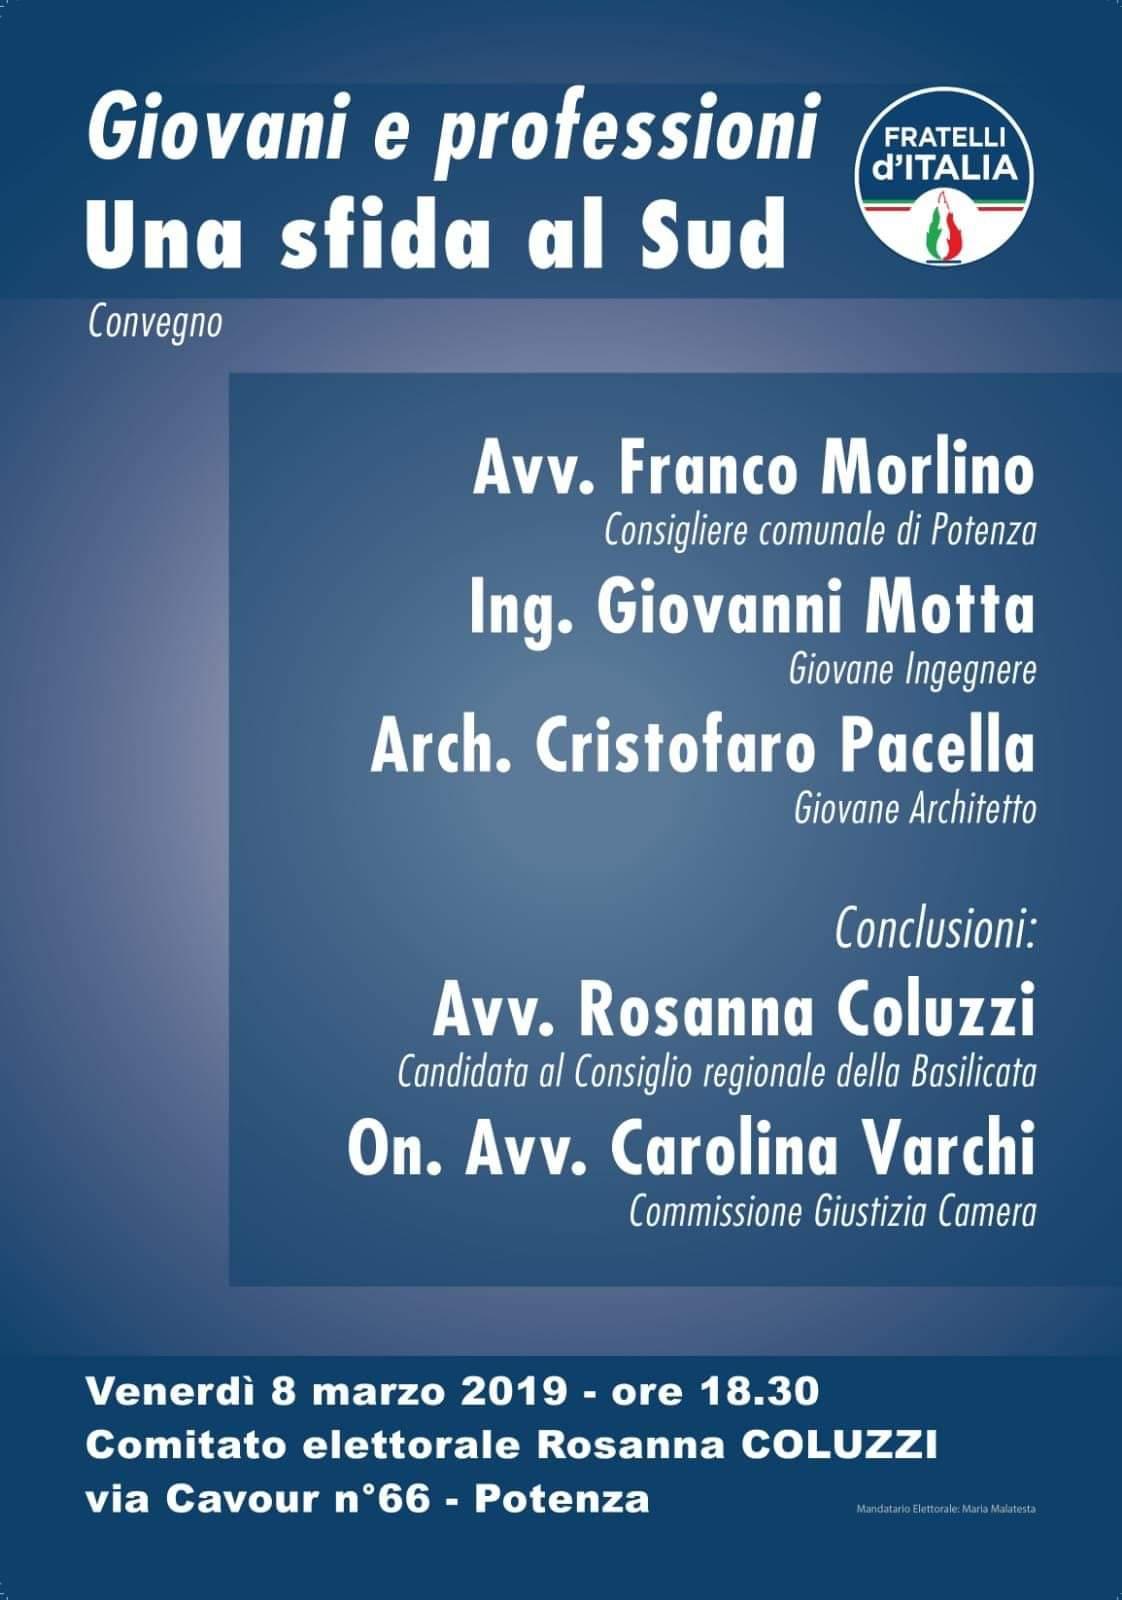 8 marzo l'iniziativa di Fratelli d'Italia